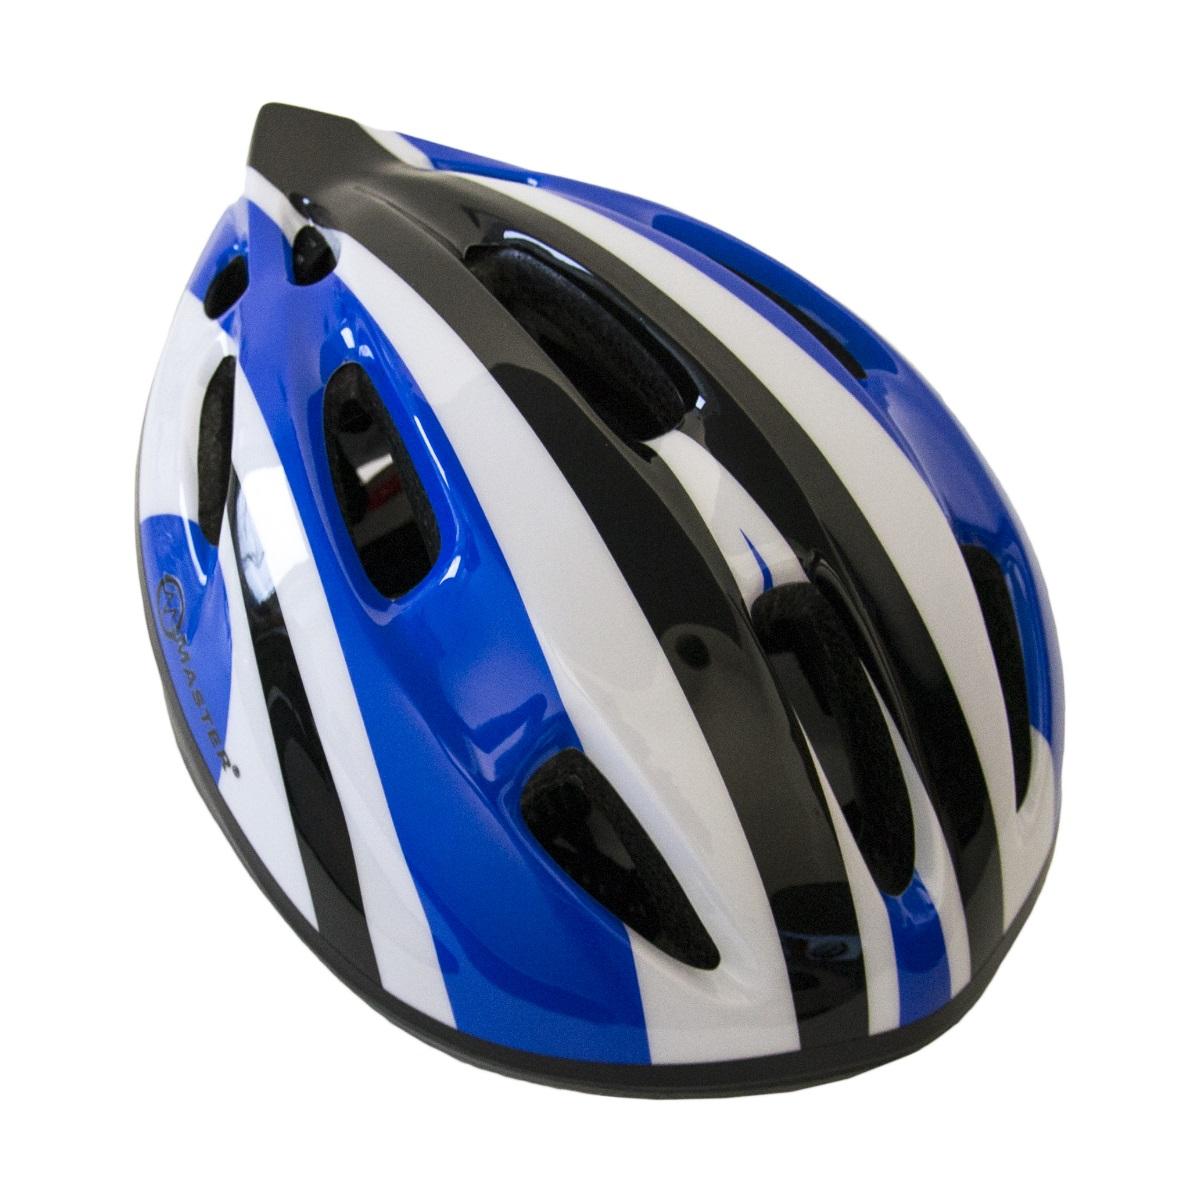 Cyklo přilba MASTER Flash - M - modrá